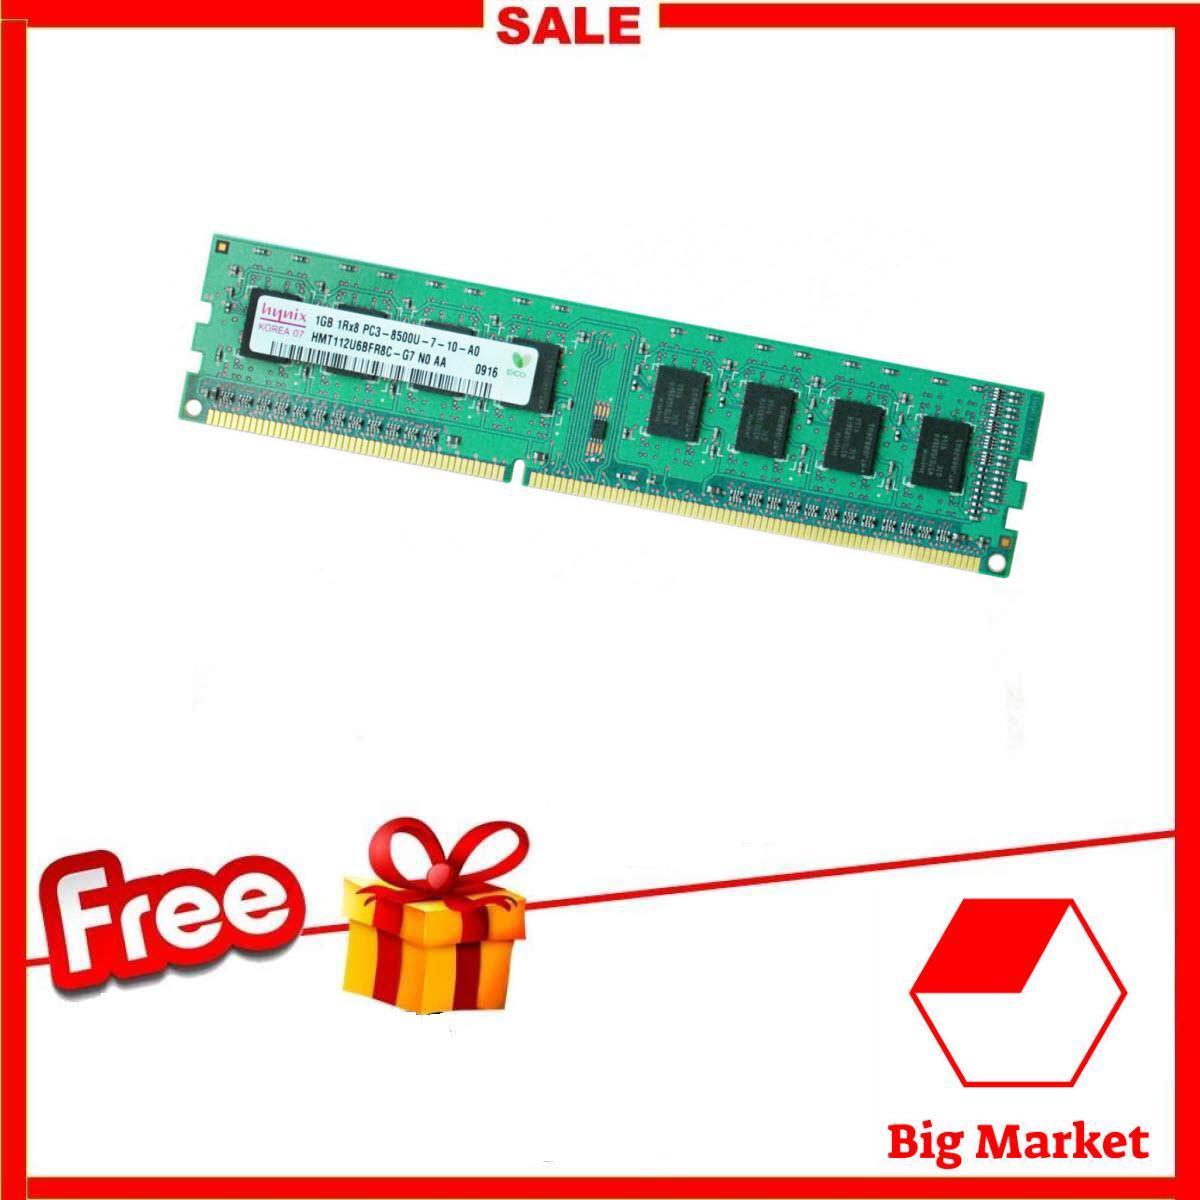 Bộ Nhớ Ram Dành Cho Pc Hynix (1gb, Ddr 2, Bus 800mhz) By Big Market